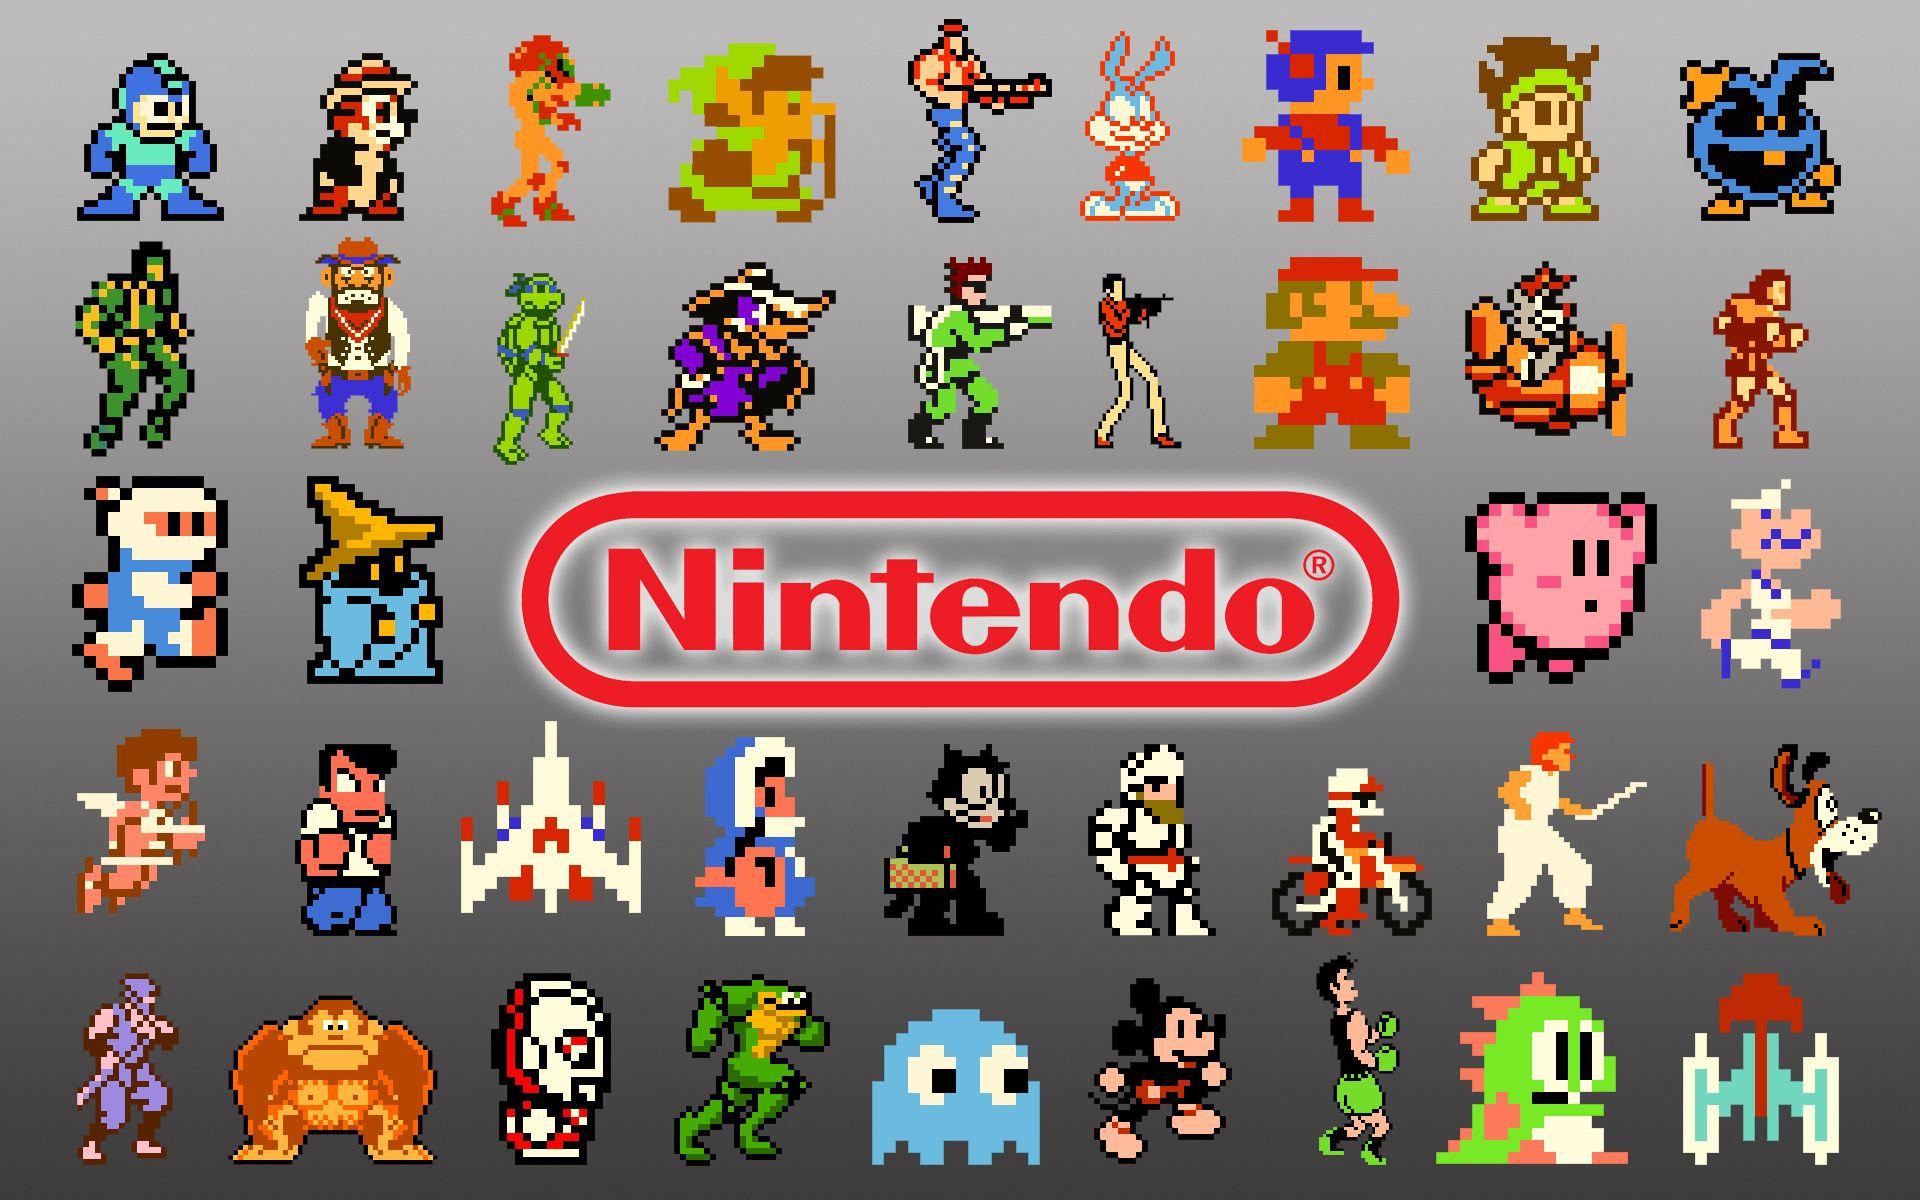 Identity Logo Nintendo fan collage 8bit characters